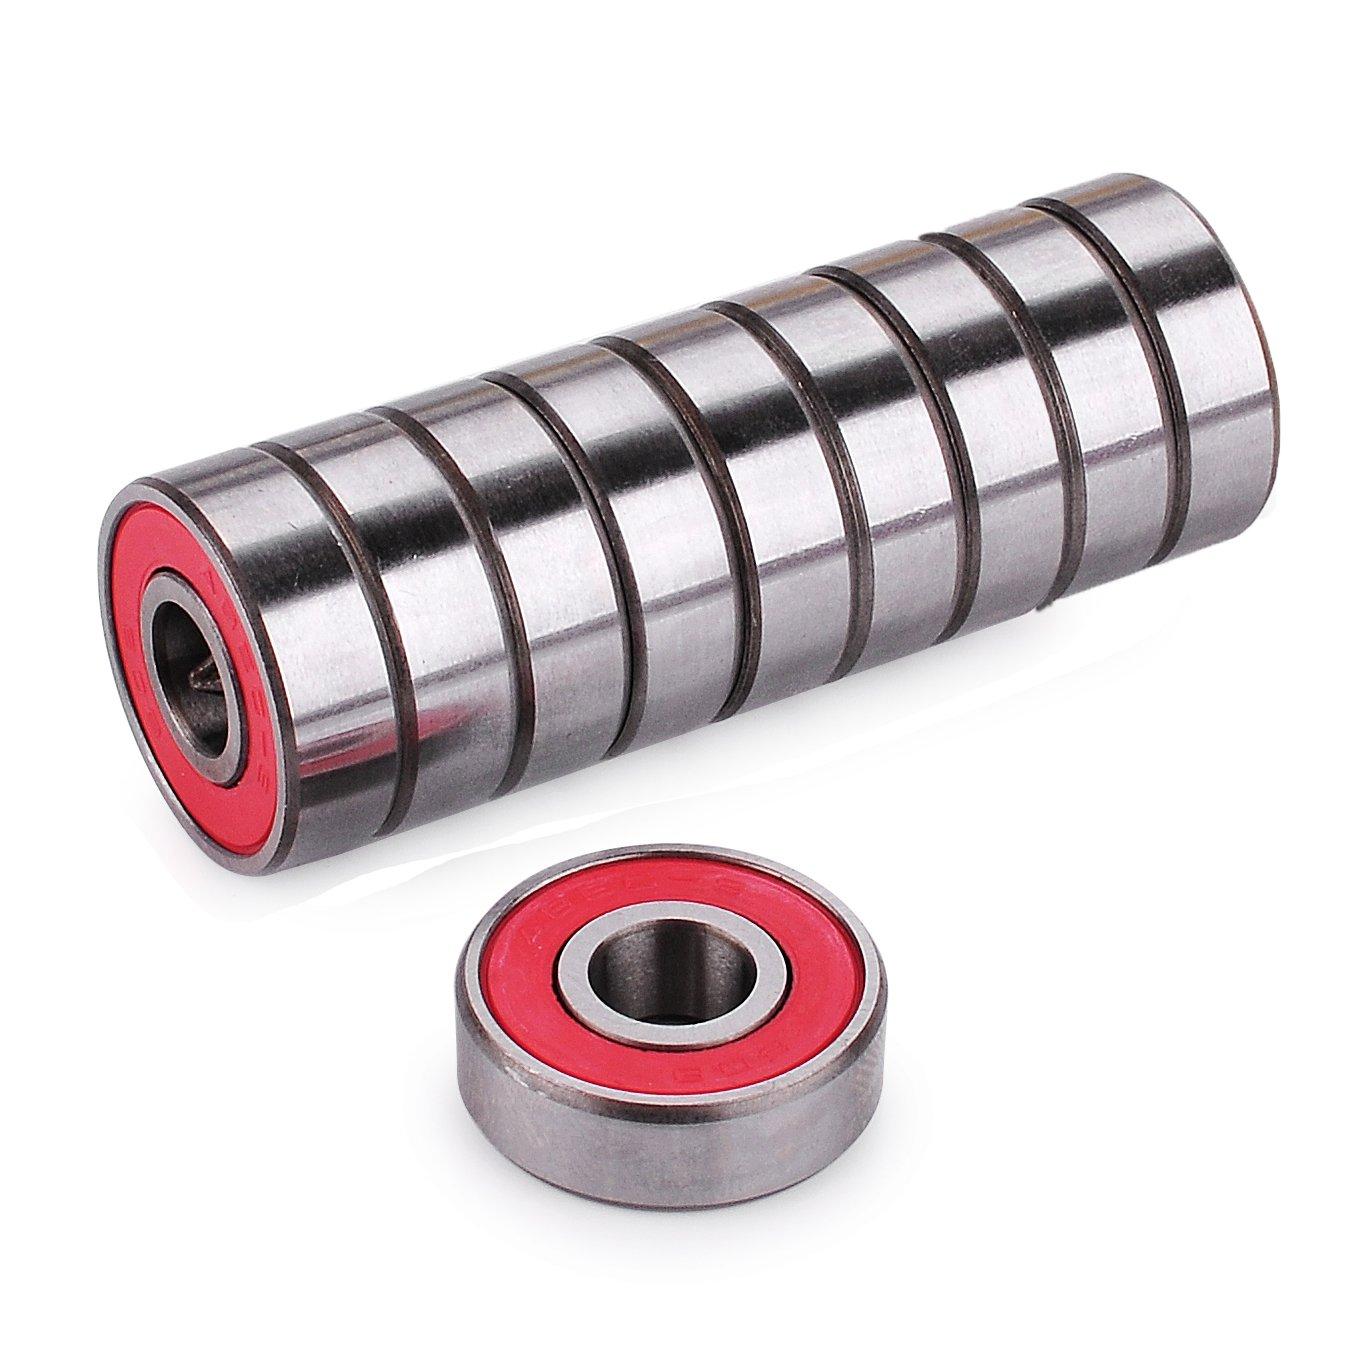 Cuscinetti a sfera di precisione 608 RS Abec 9per monopattino, skateboard e longboard (confezione da 10 pezzi), Black Z-FIRST